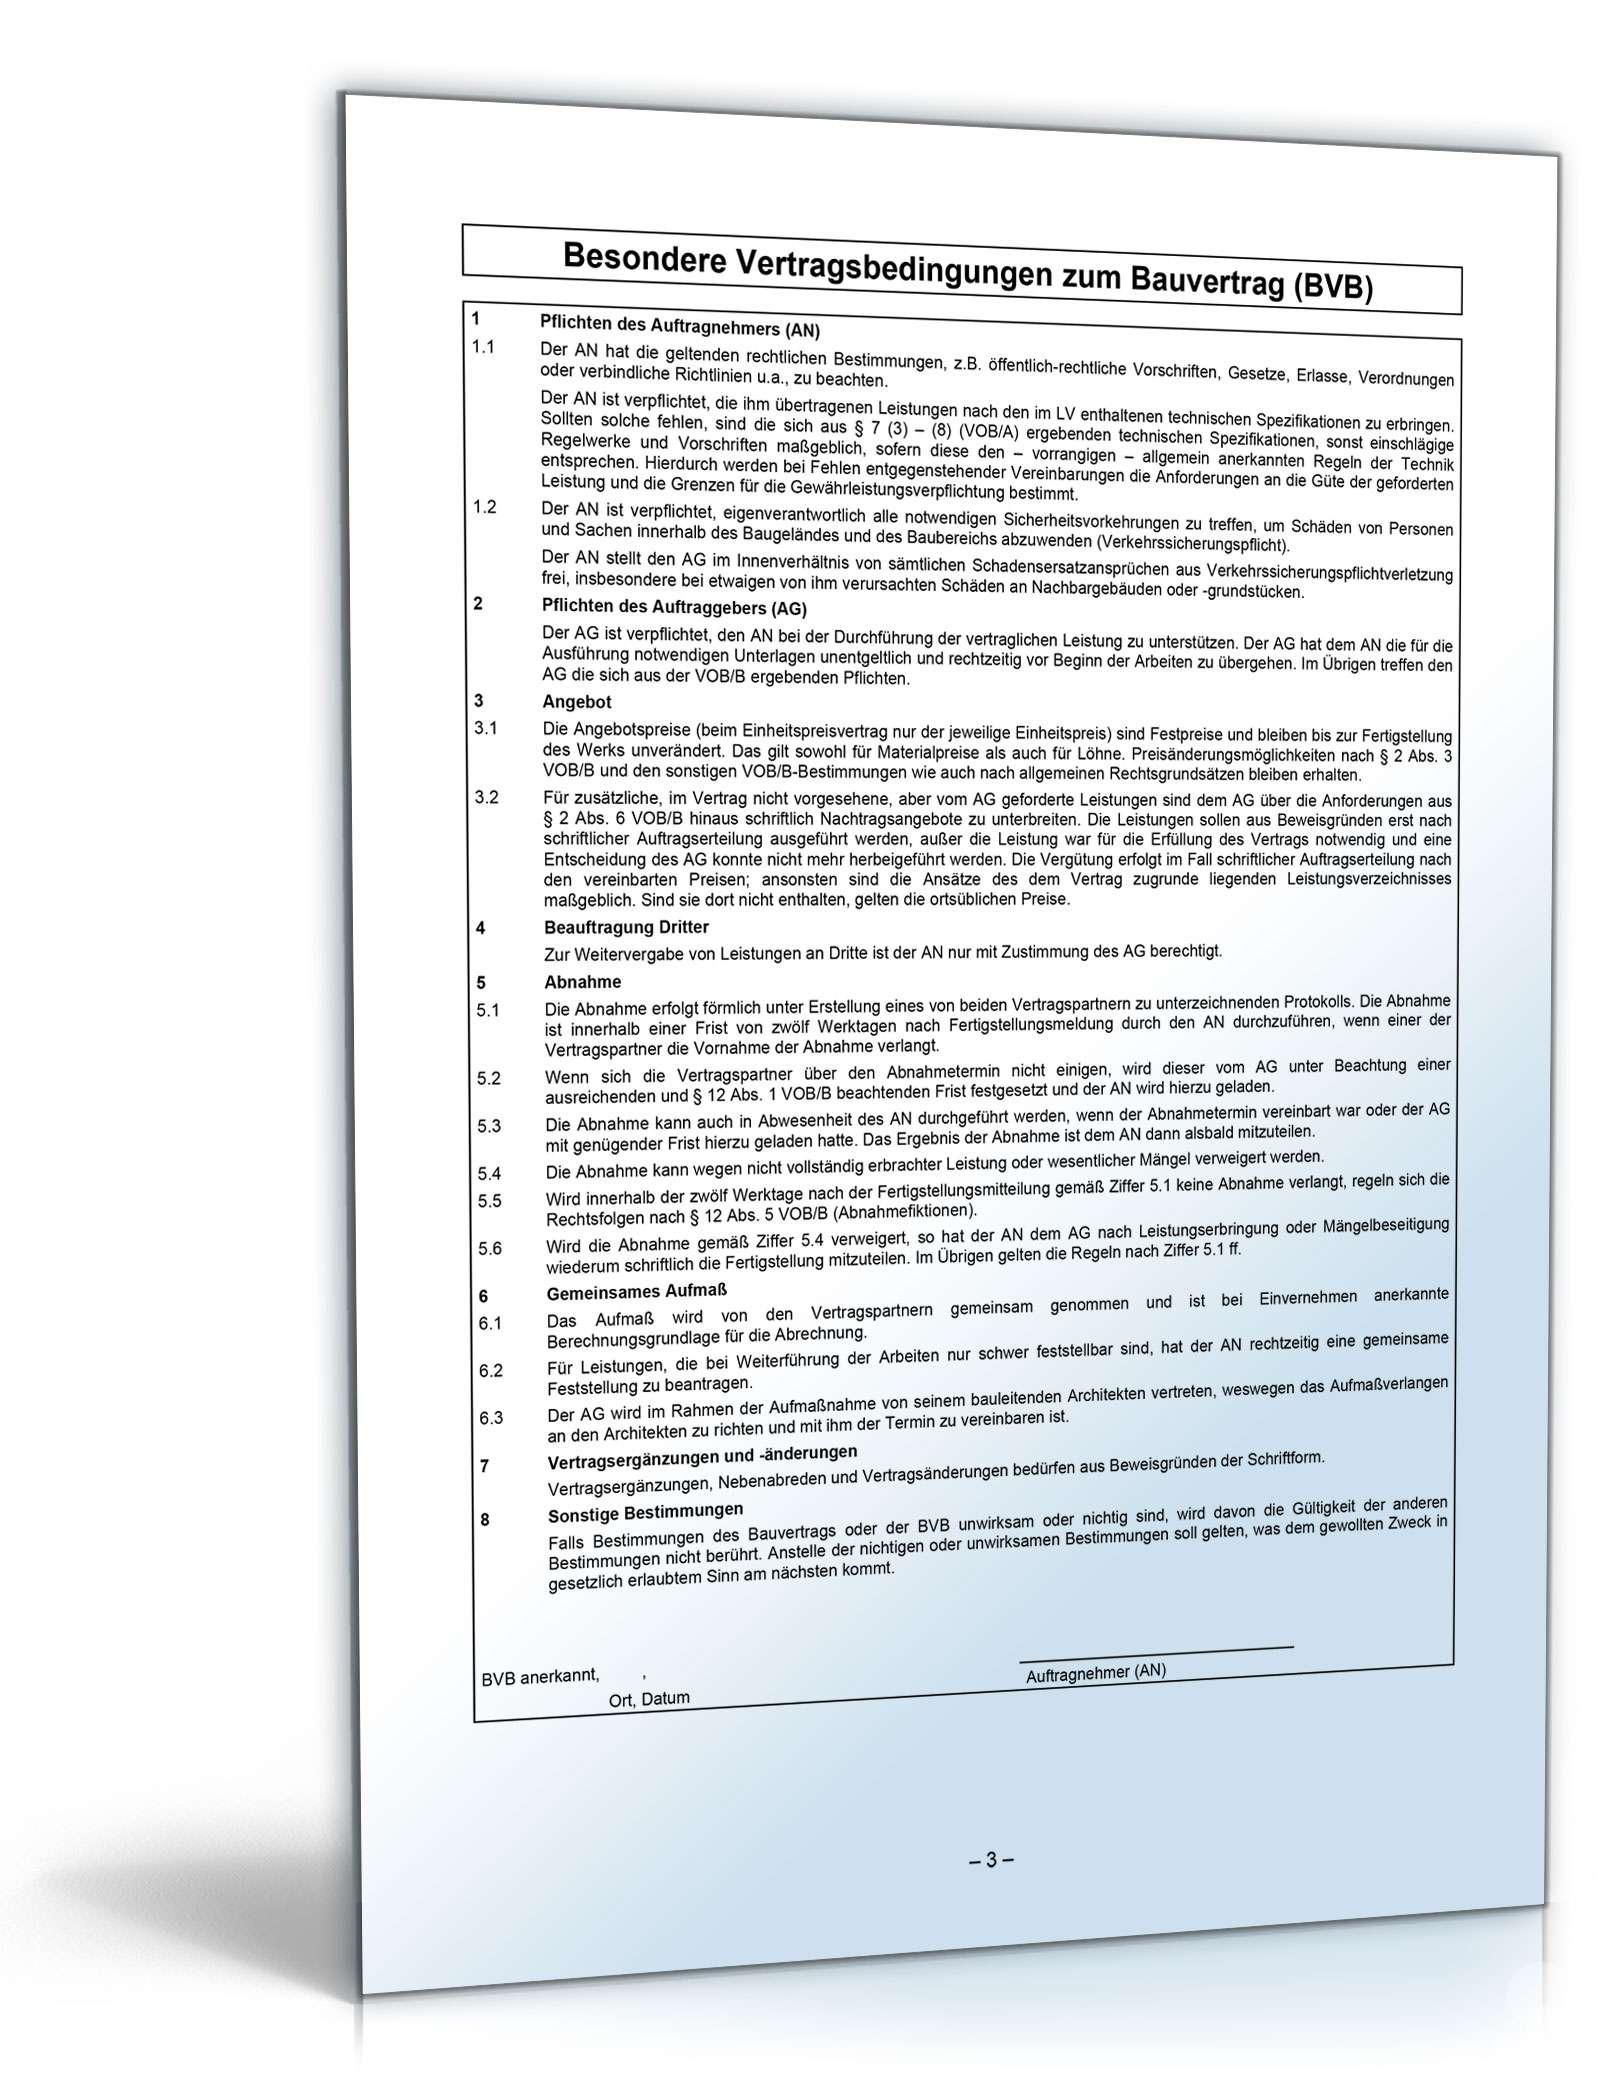 Vob Bauvertrag Kurzfassung Muster Zum Download